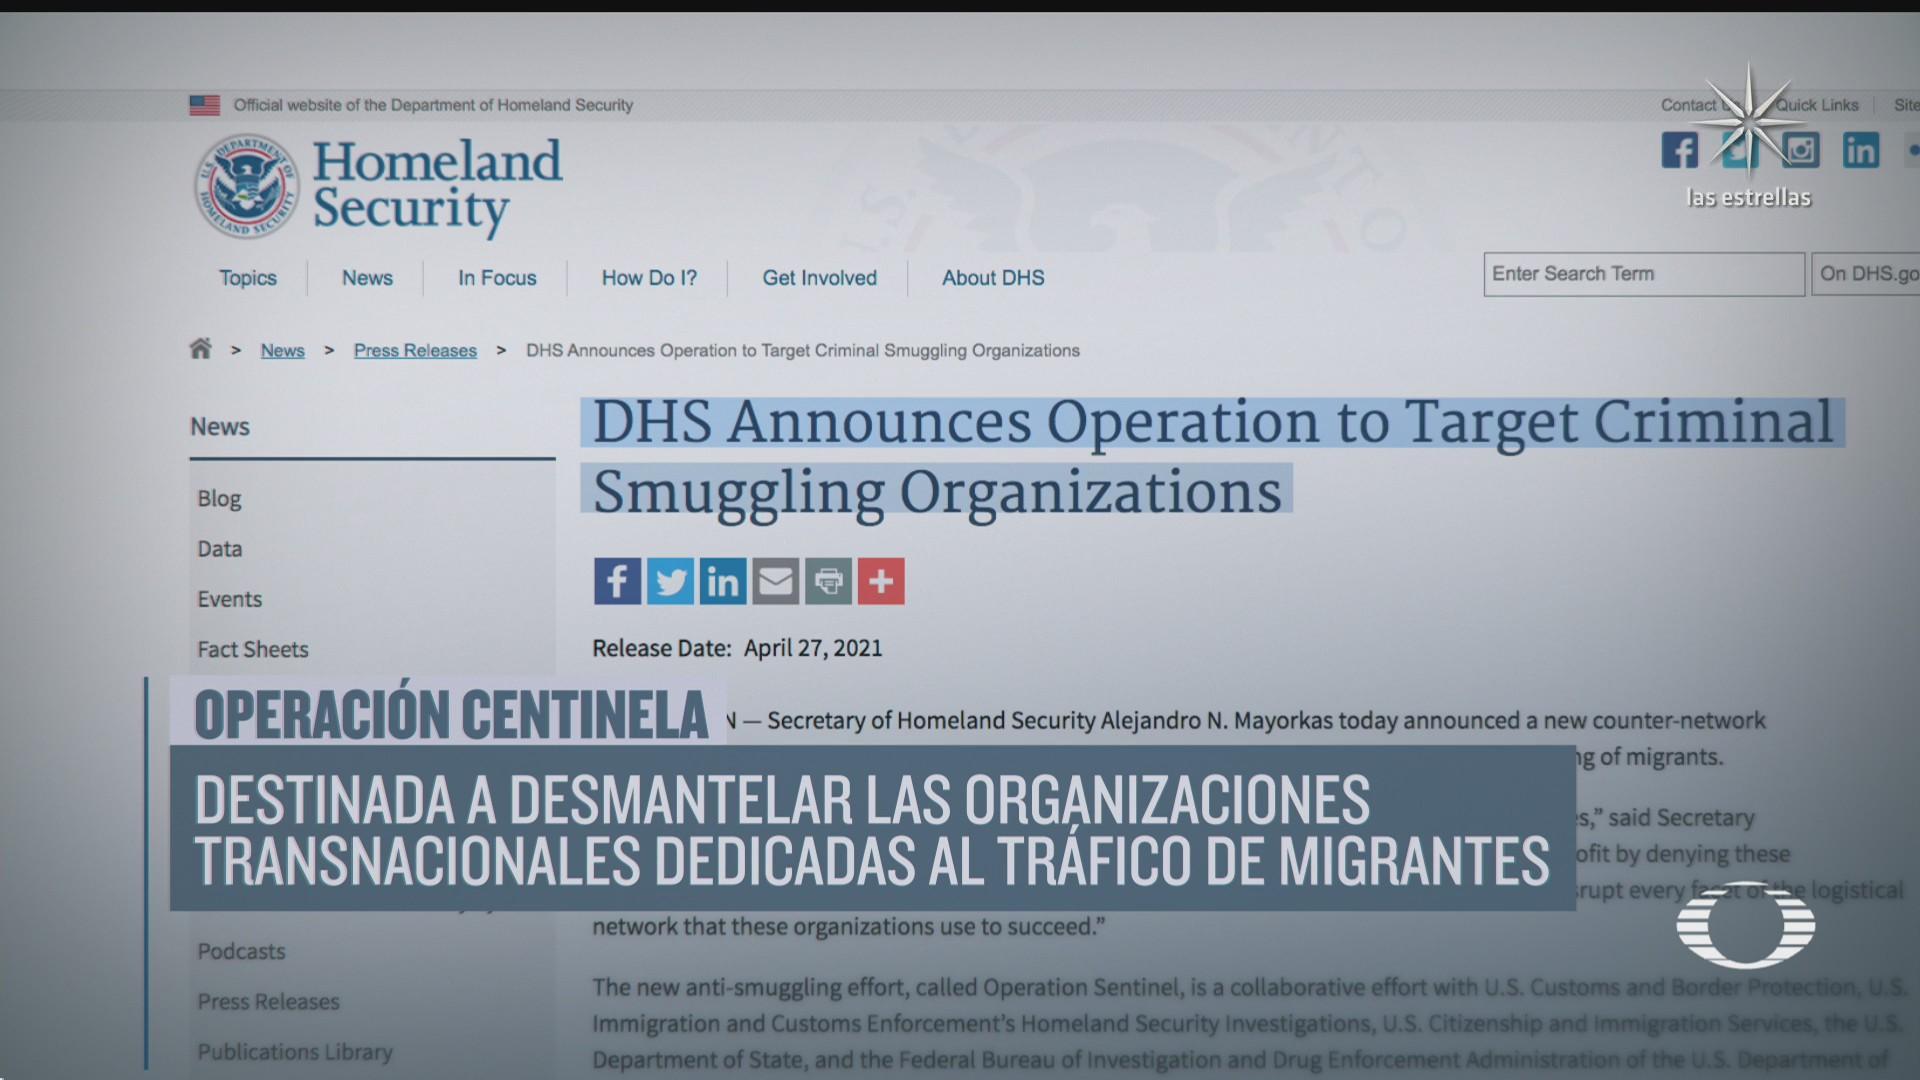 lista operacion centinela para desmantelar el trafico de migrantes